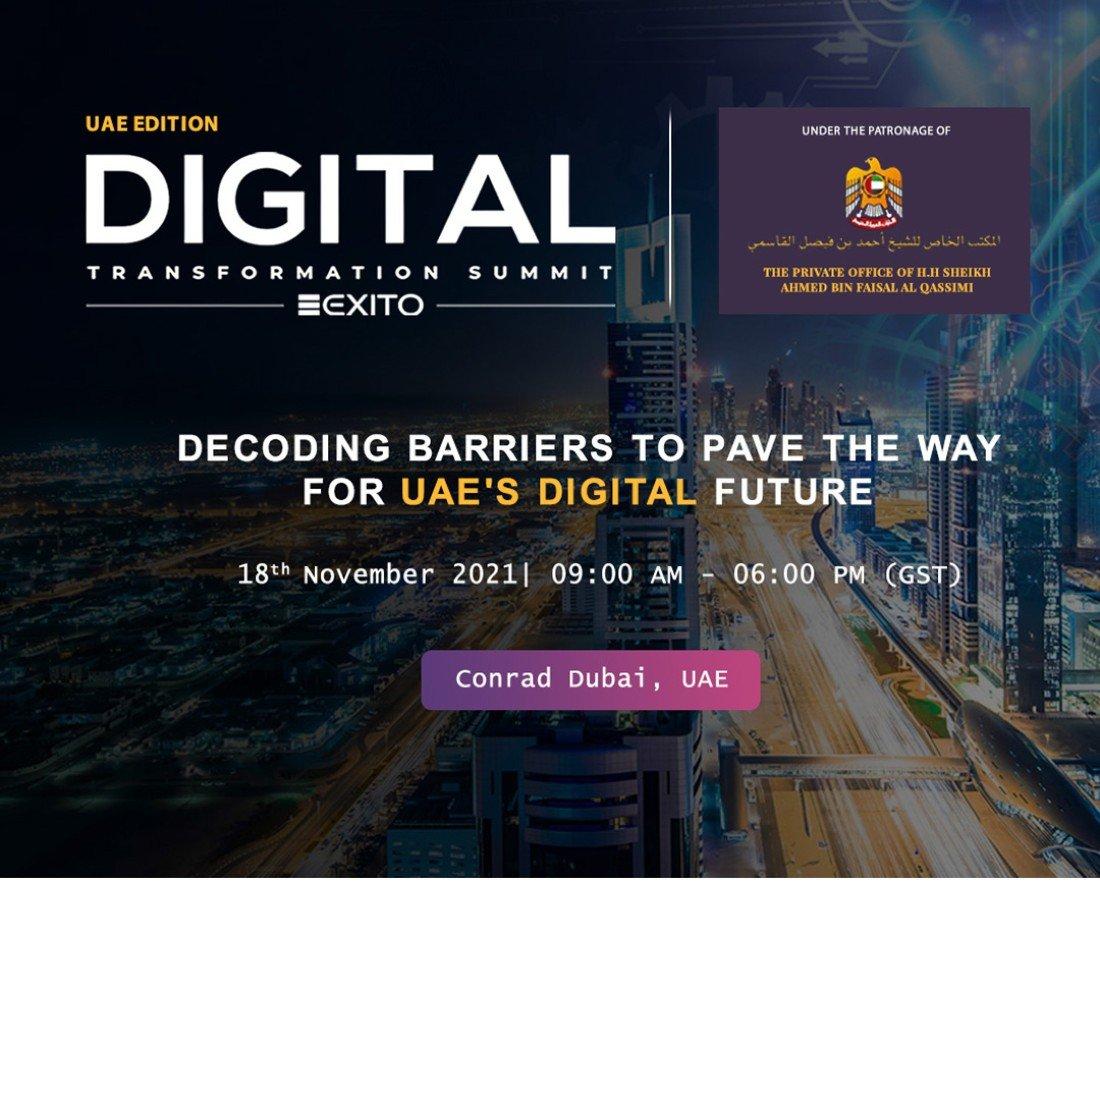 Digital Transformation Summit: UAE